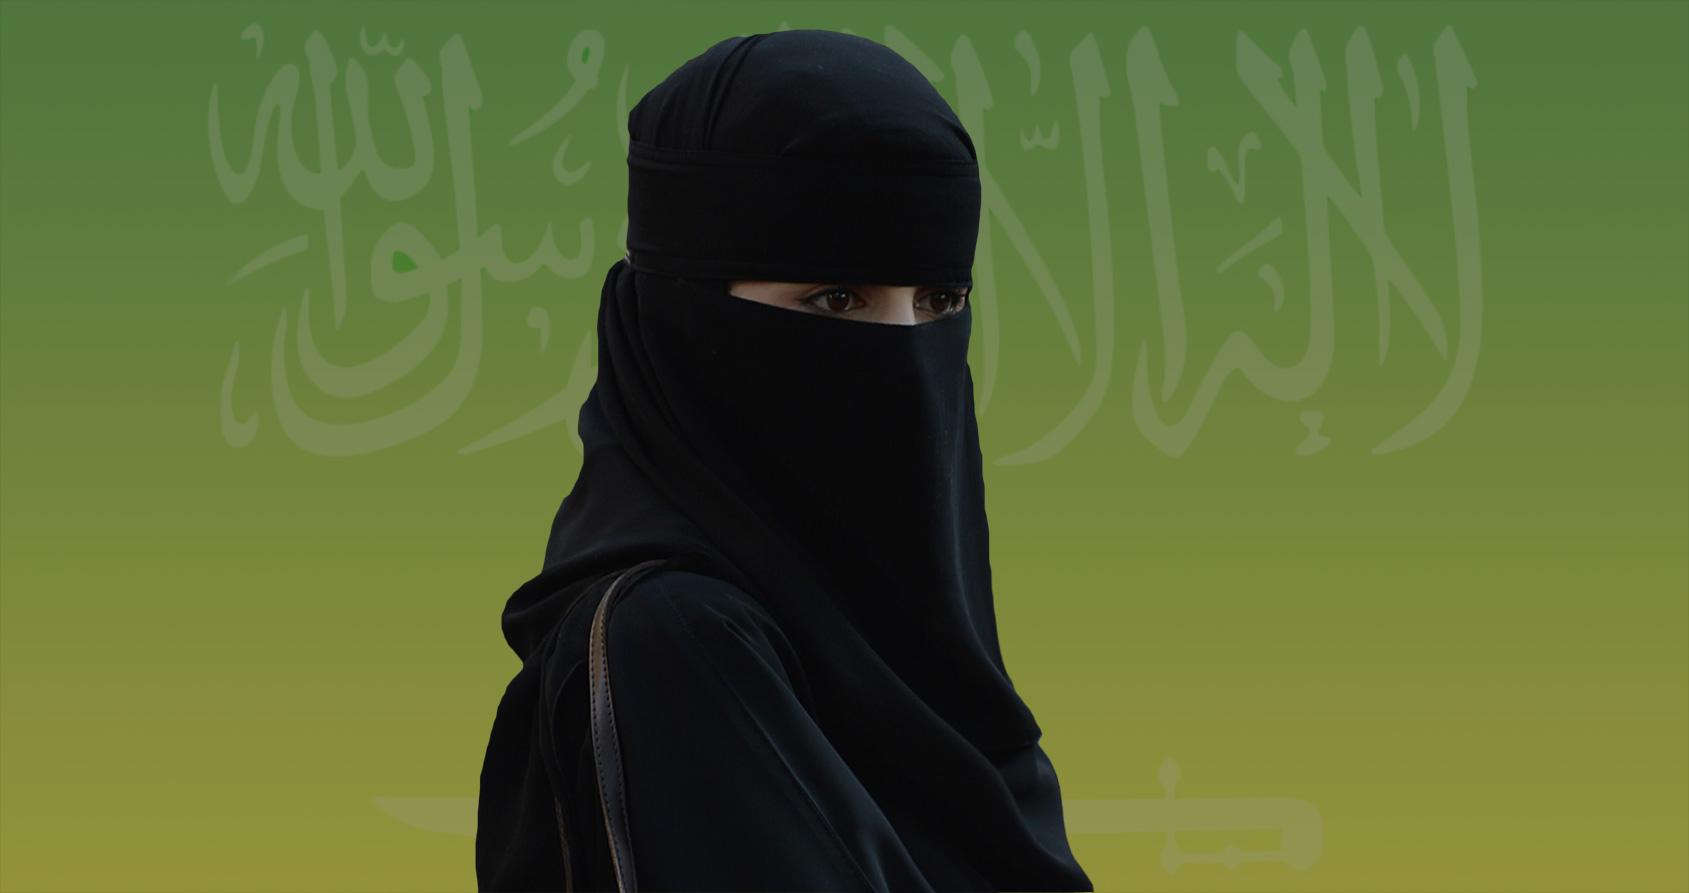 Voici les avocates saoudiennes qui se battent pour les droits des femmes dans leur pays